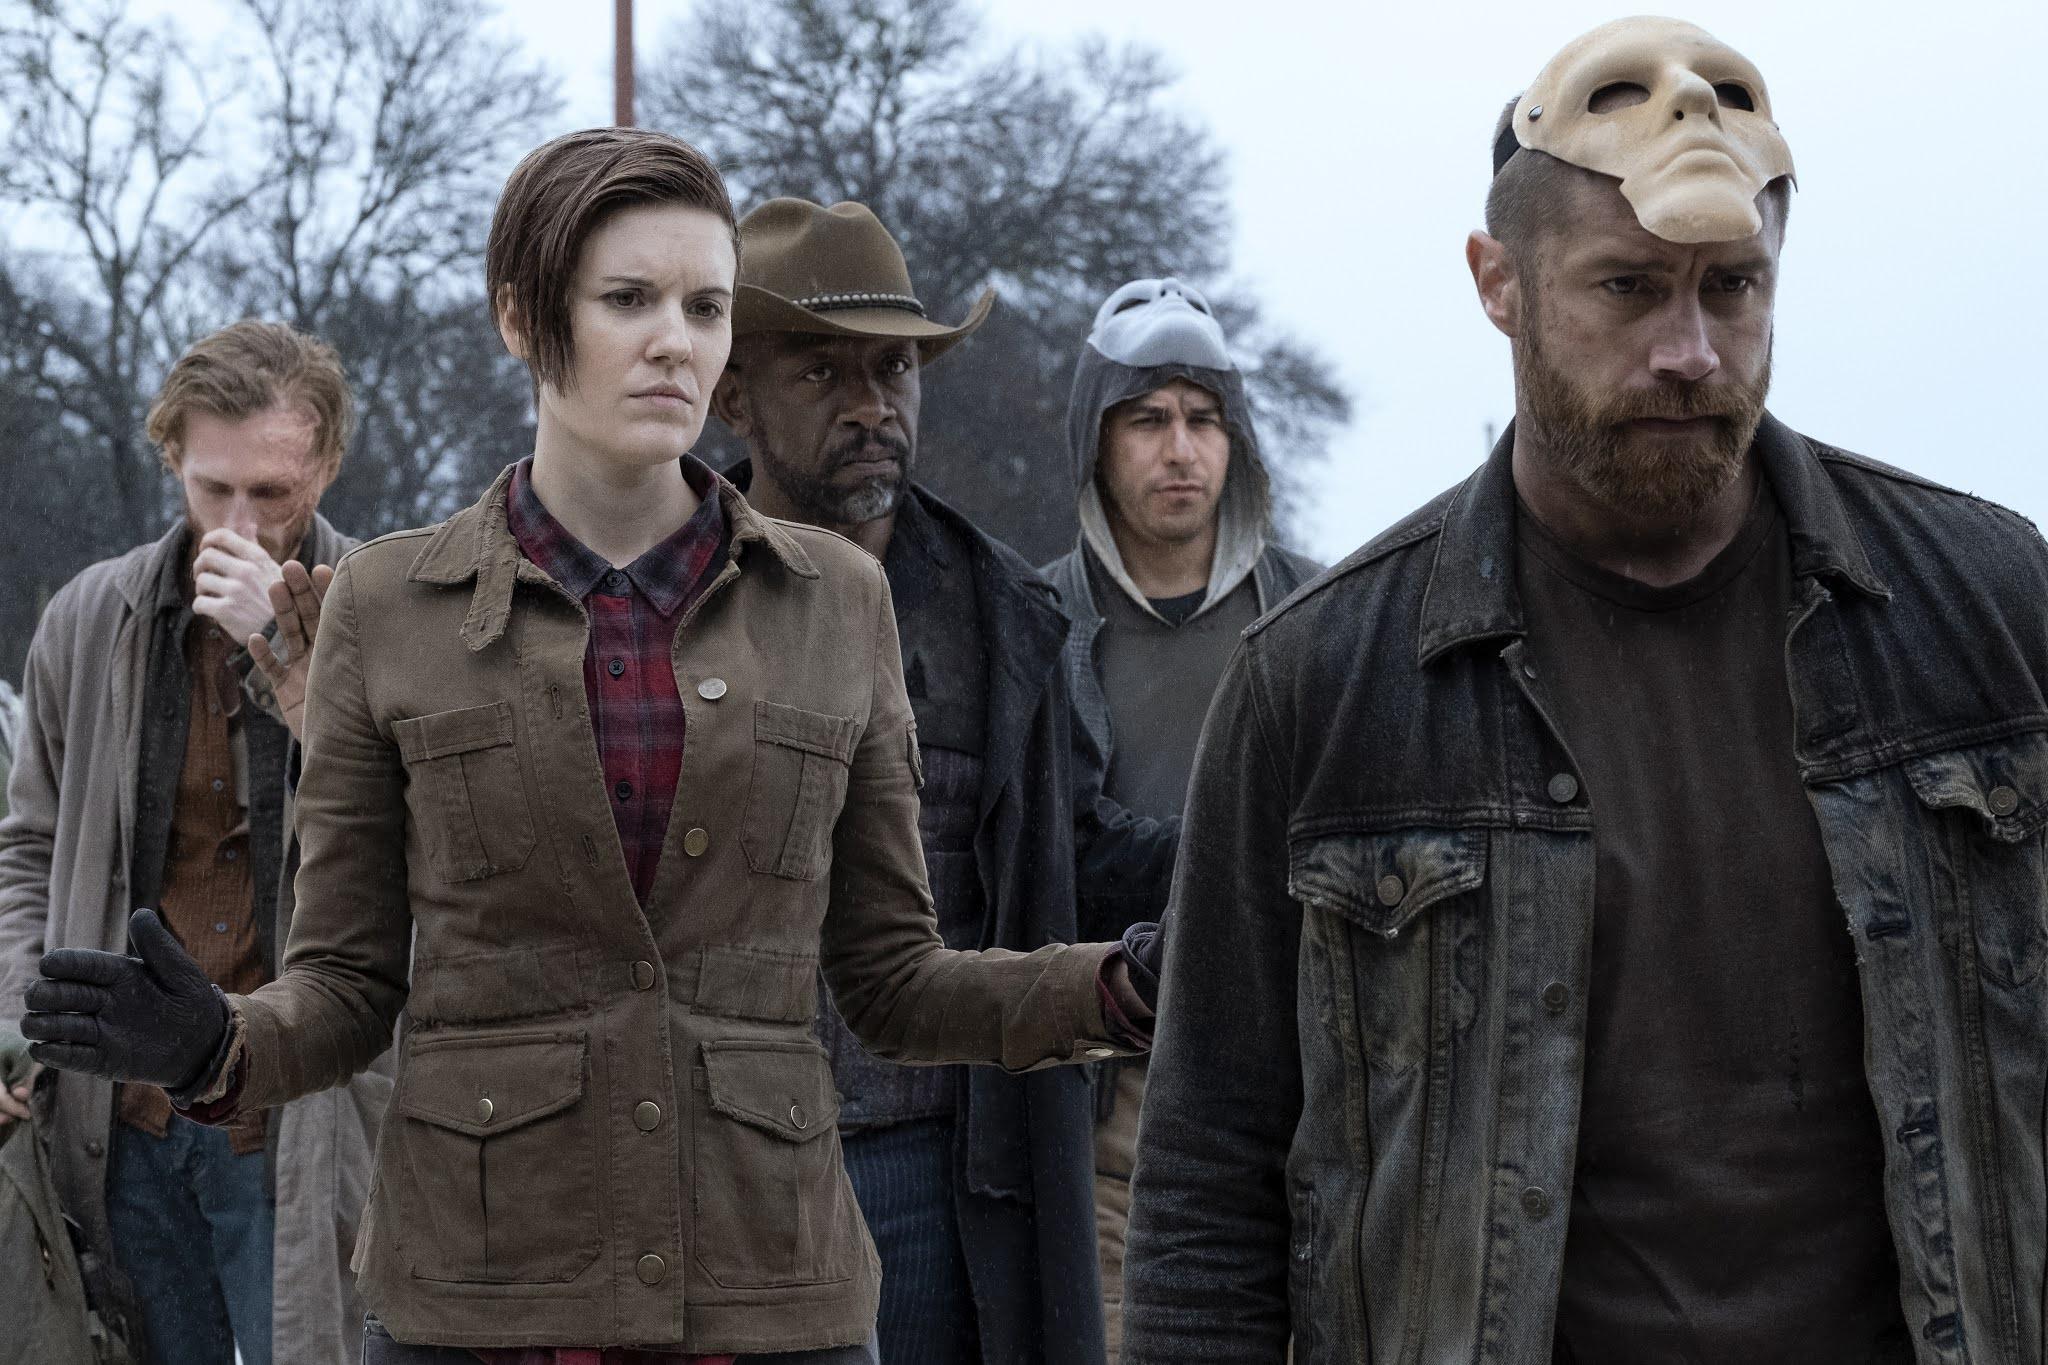 El grupo de Sherry encierra a Althea, Morgan y Dwight en el episodio 6x05 de Fear The Walking Dead